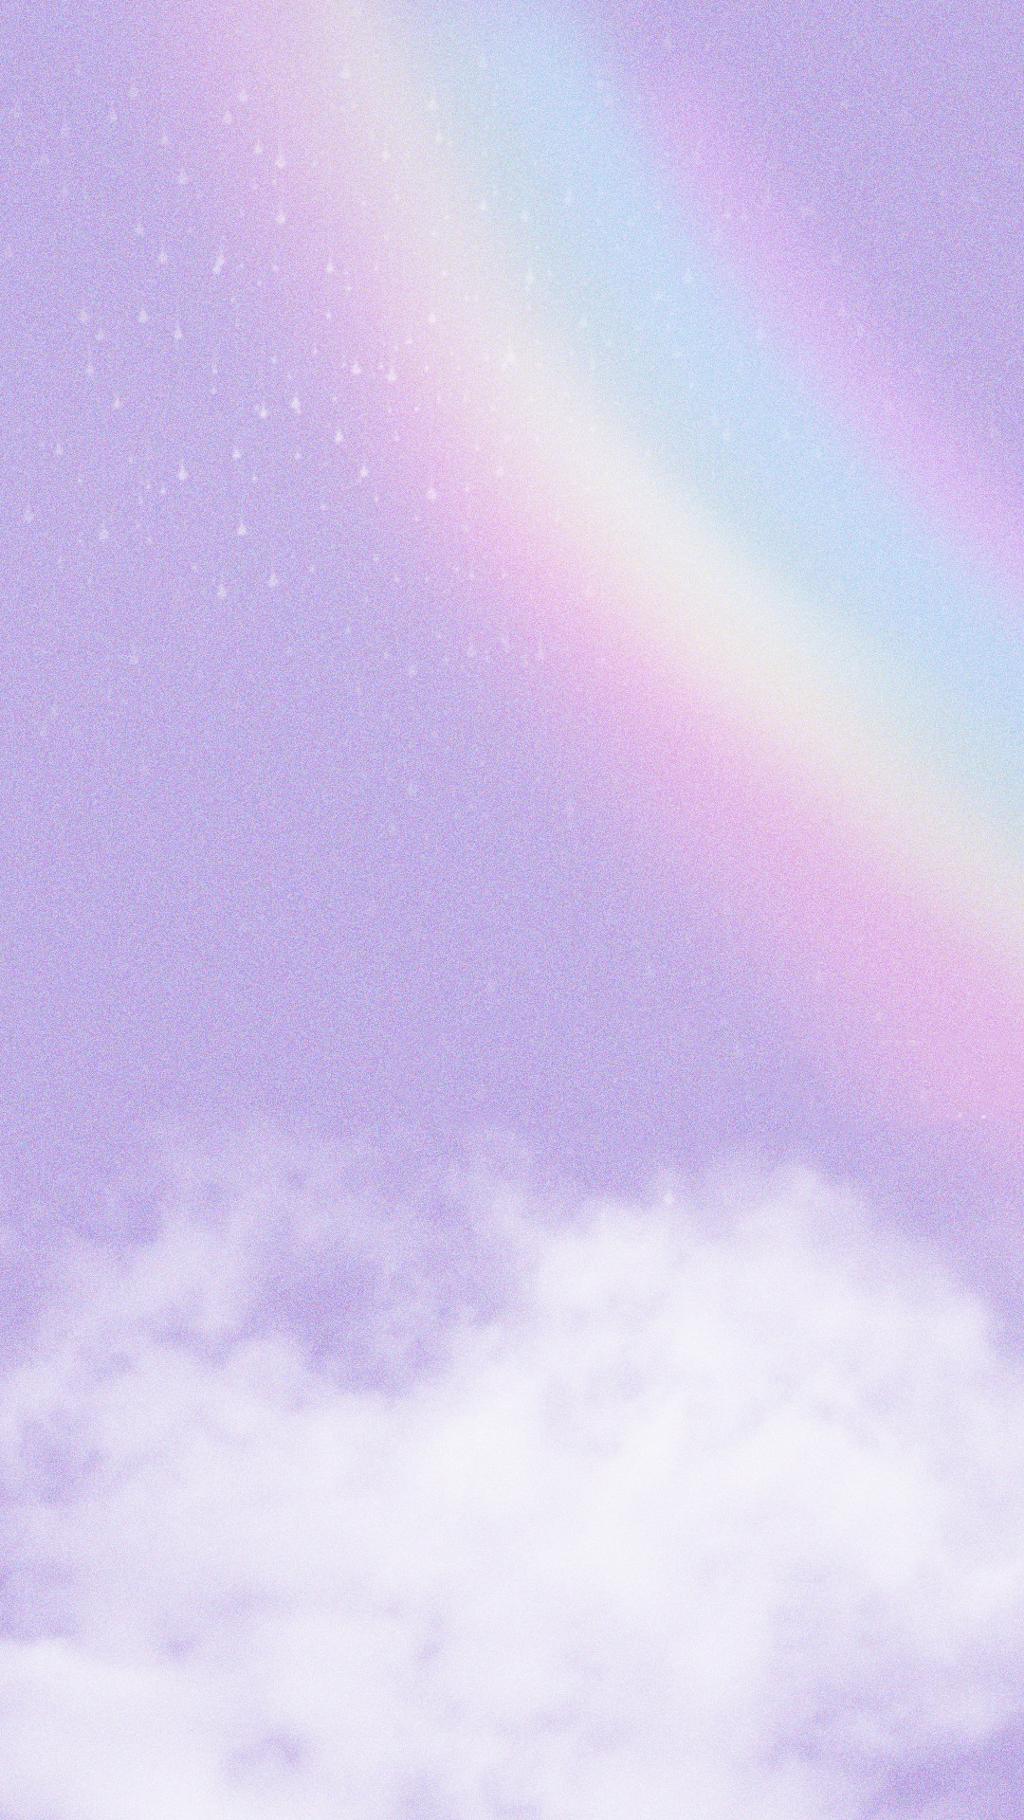 Galaxy Pastel Glitter Unicorn Rainbow Backgrounds Free Robux